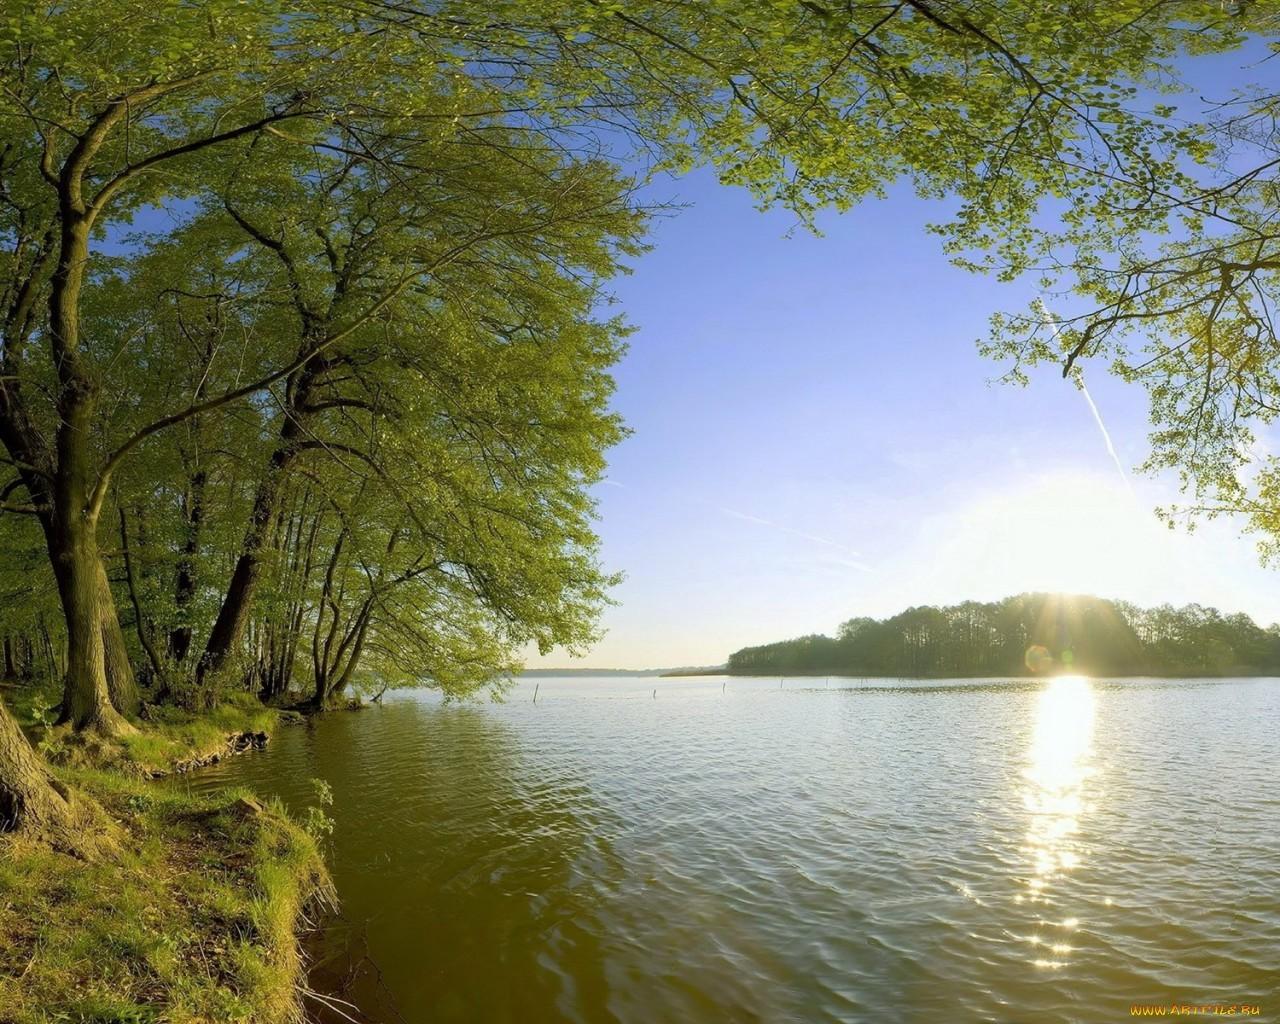 Скачать картинку Река, Деревья, Пейзаж в телефон бесплатно.